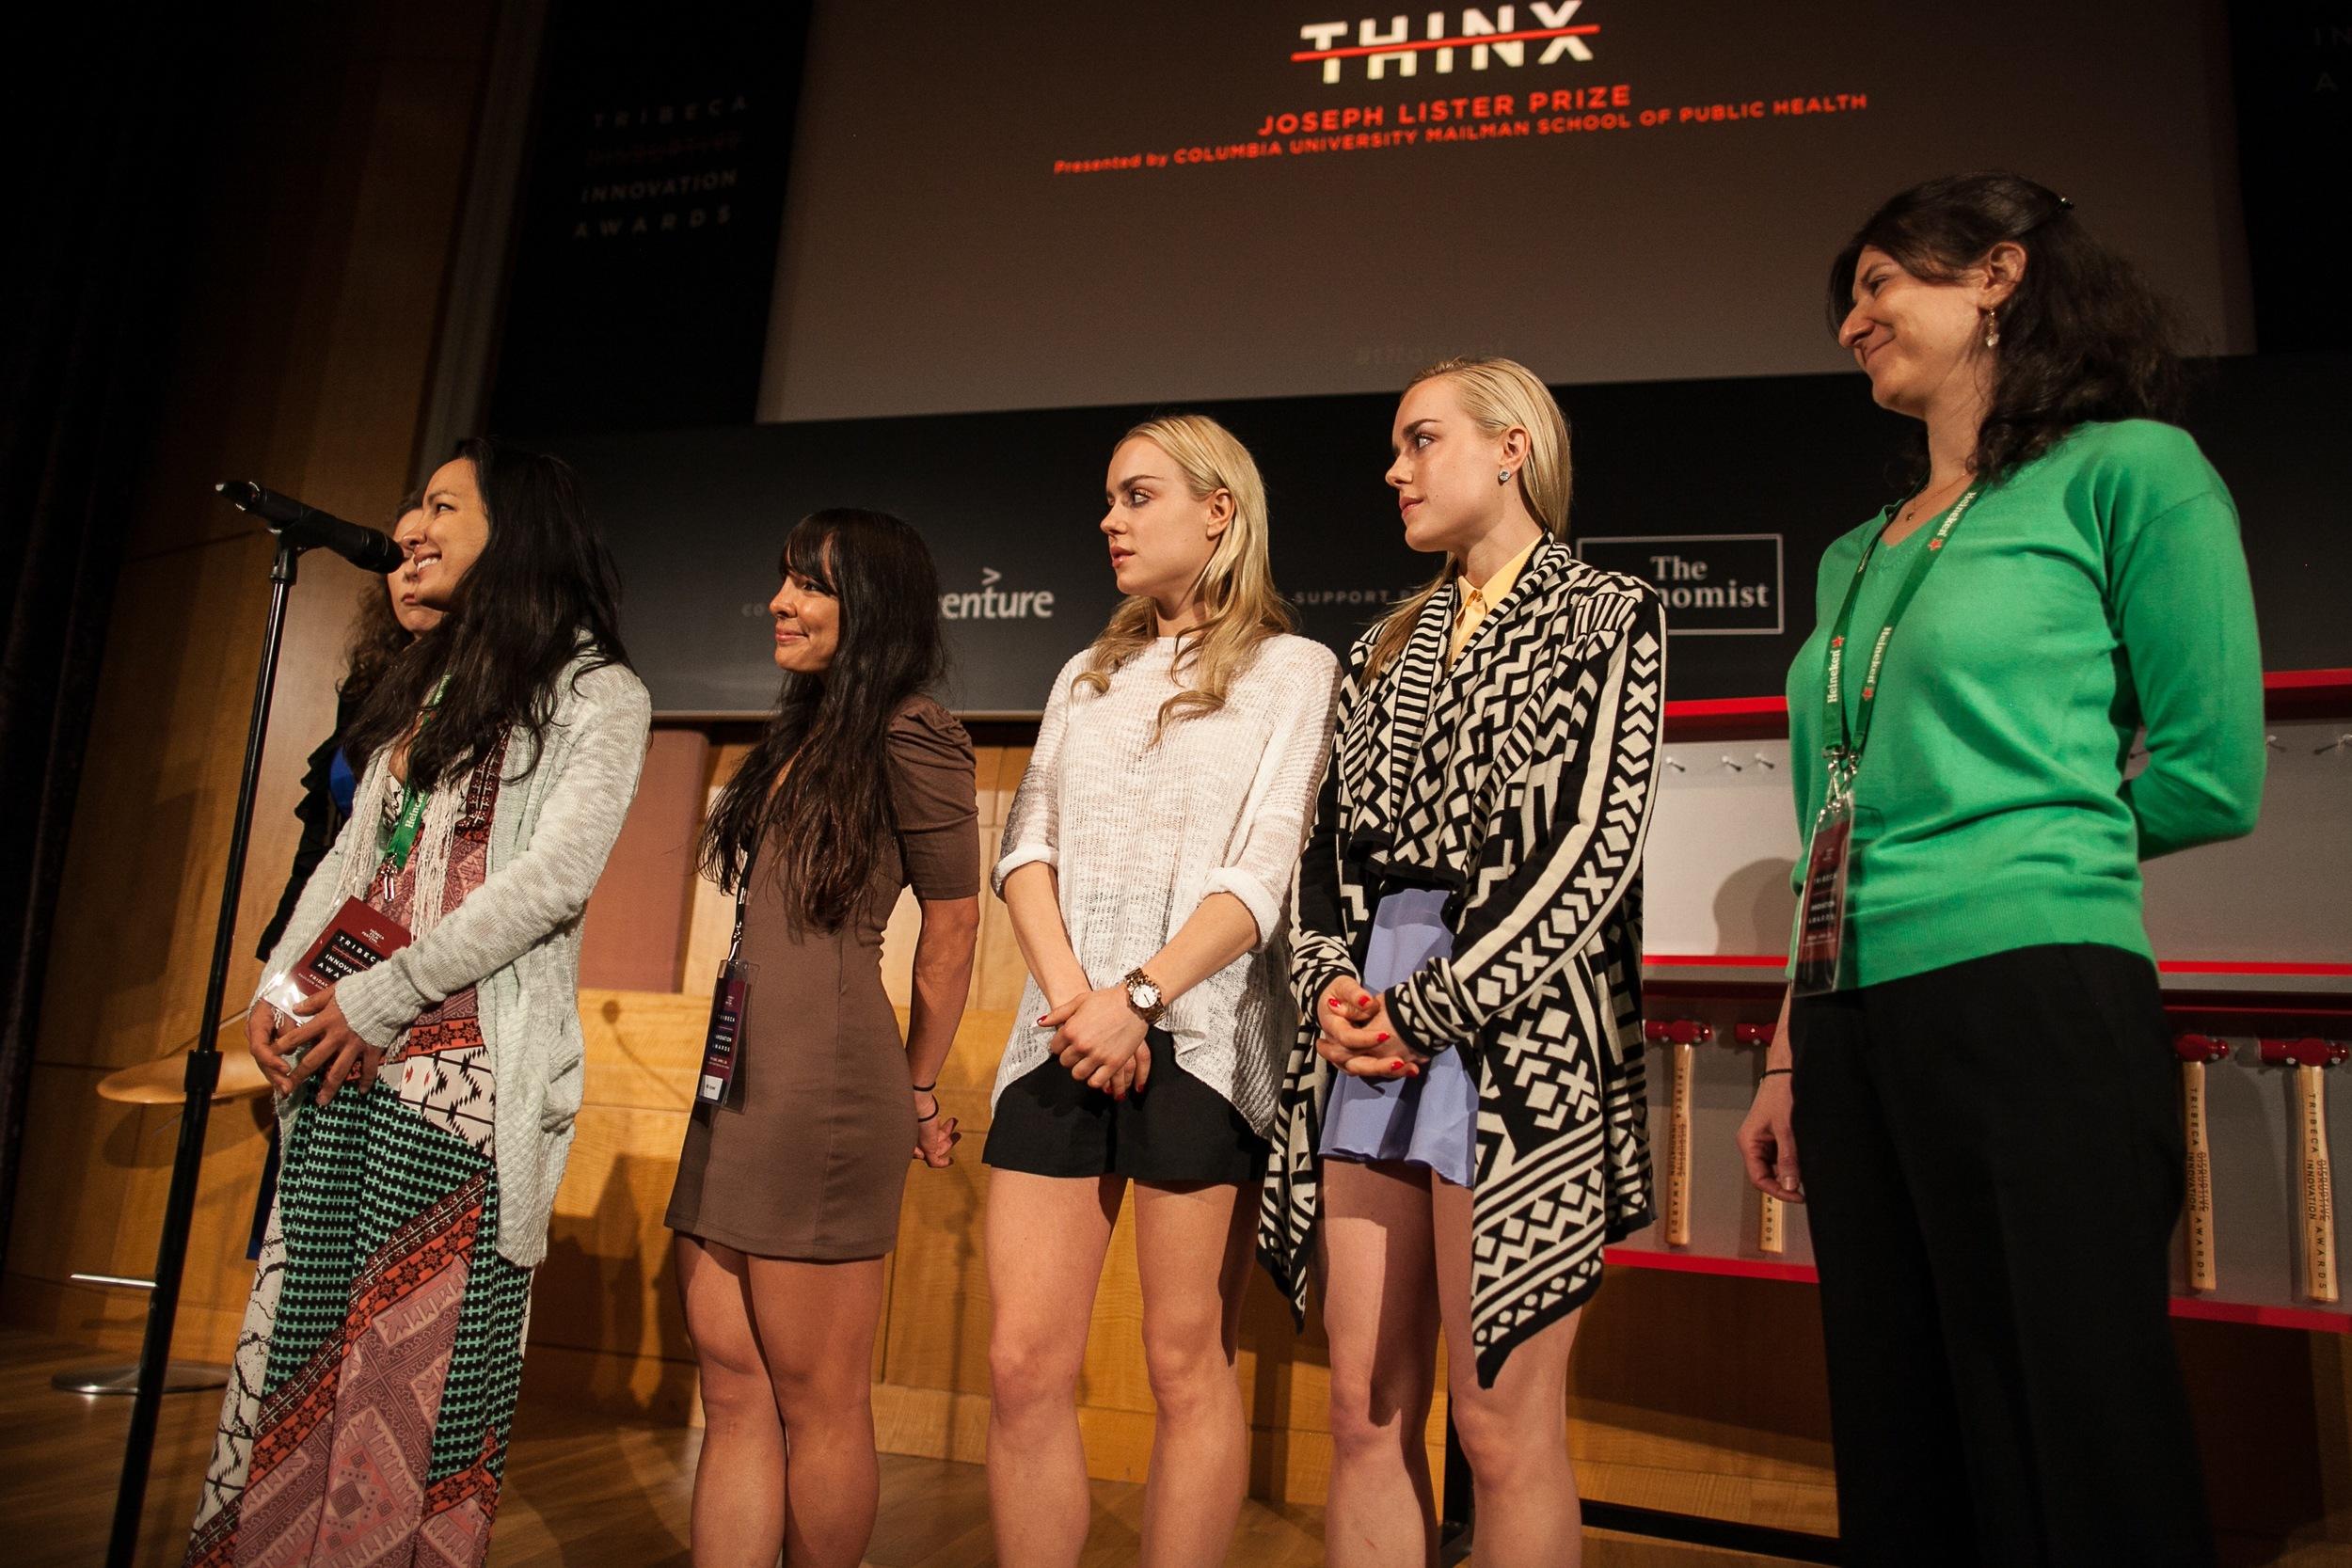 Tribeca Disruptive Innovation Awards 2013 - 119.jpg